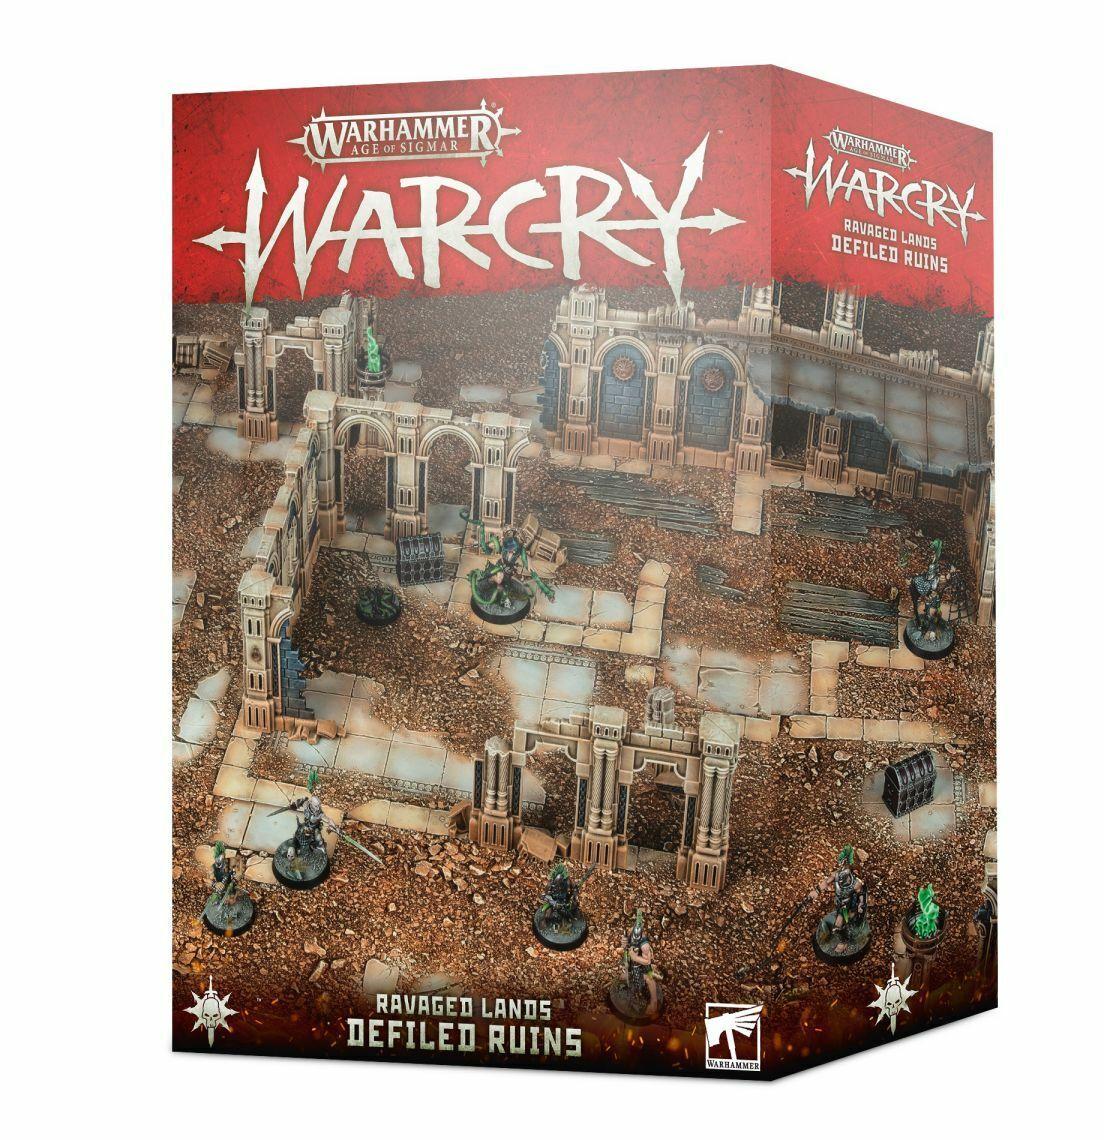 Warhammer Edad Of Sigmar Warcry Ravaged Tierras Defiled Ruins Juegosworkshop